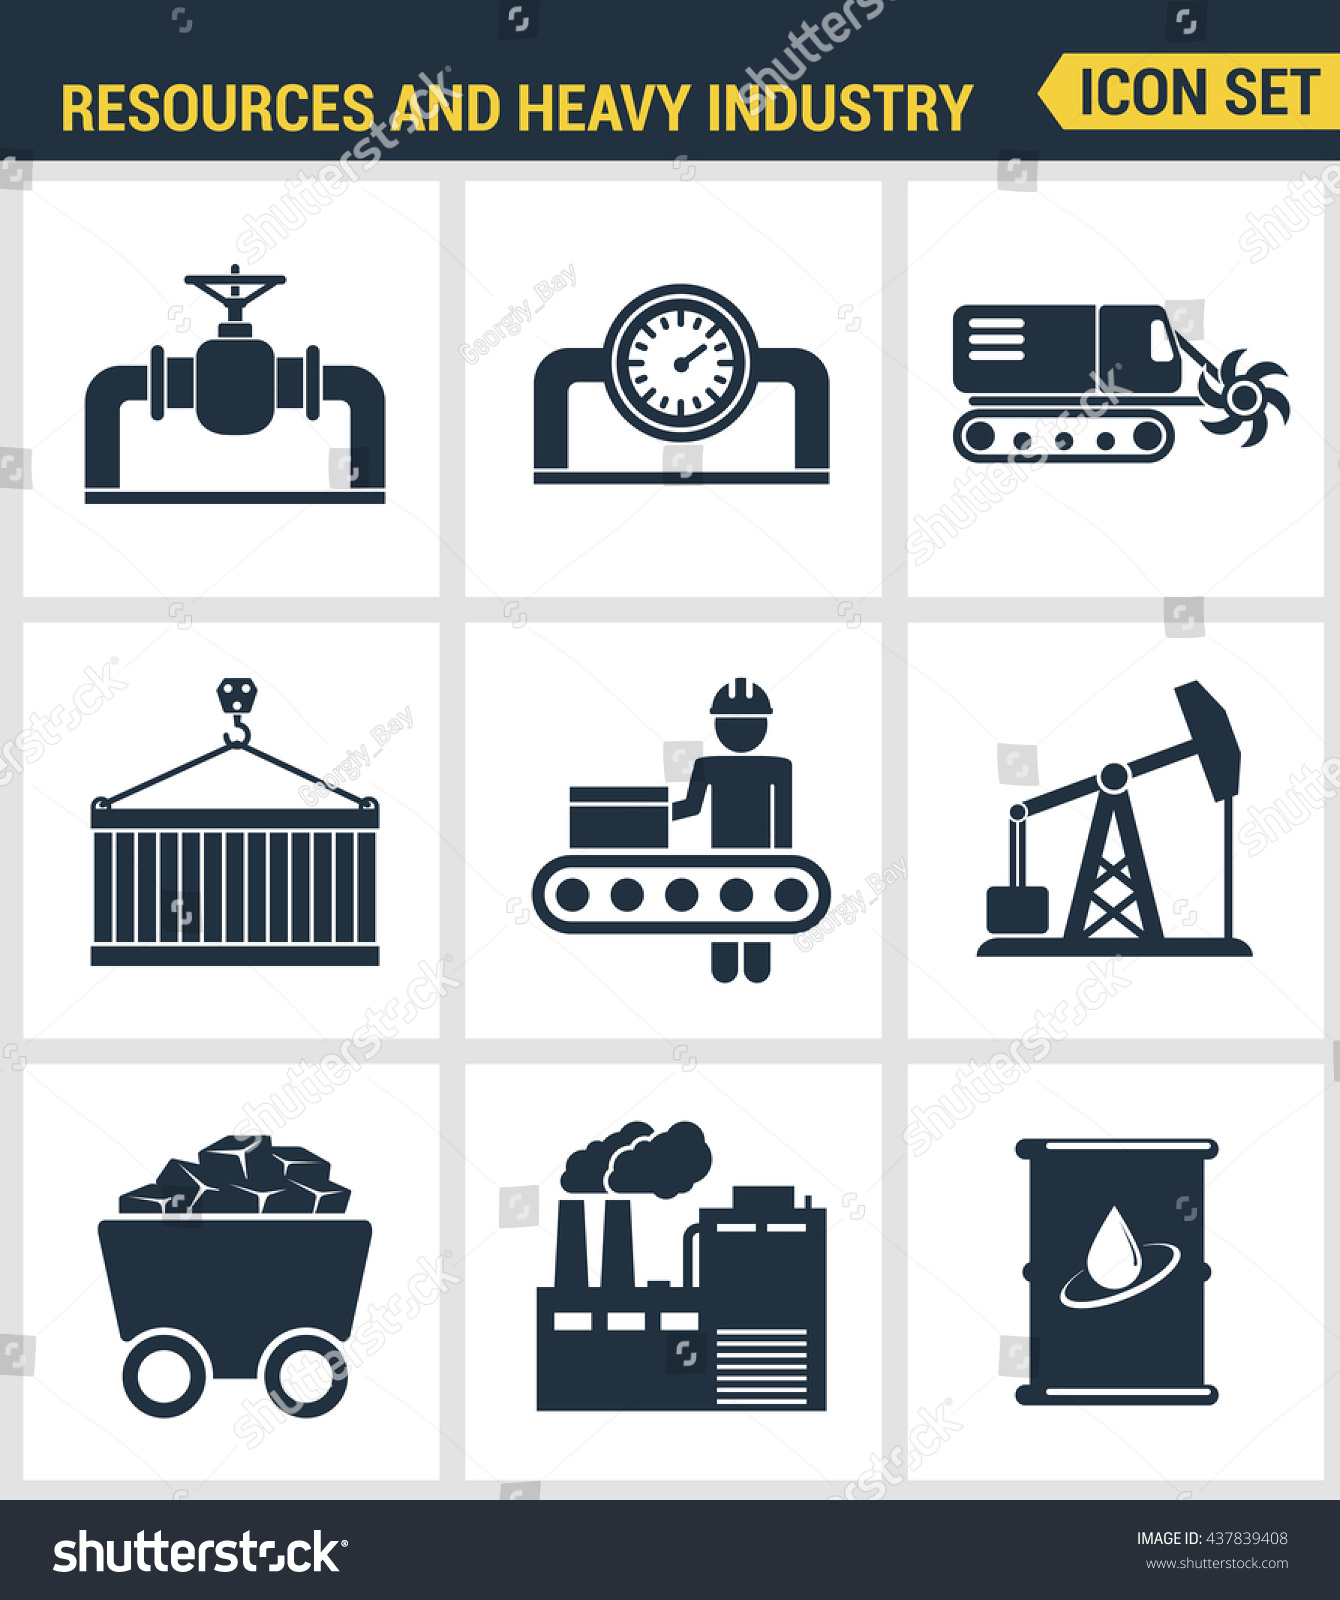 视频集优质的重工业,视频、资源图标。现代象电厂矿山51在线观看图片